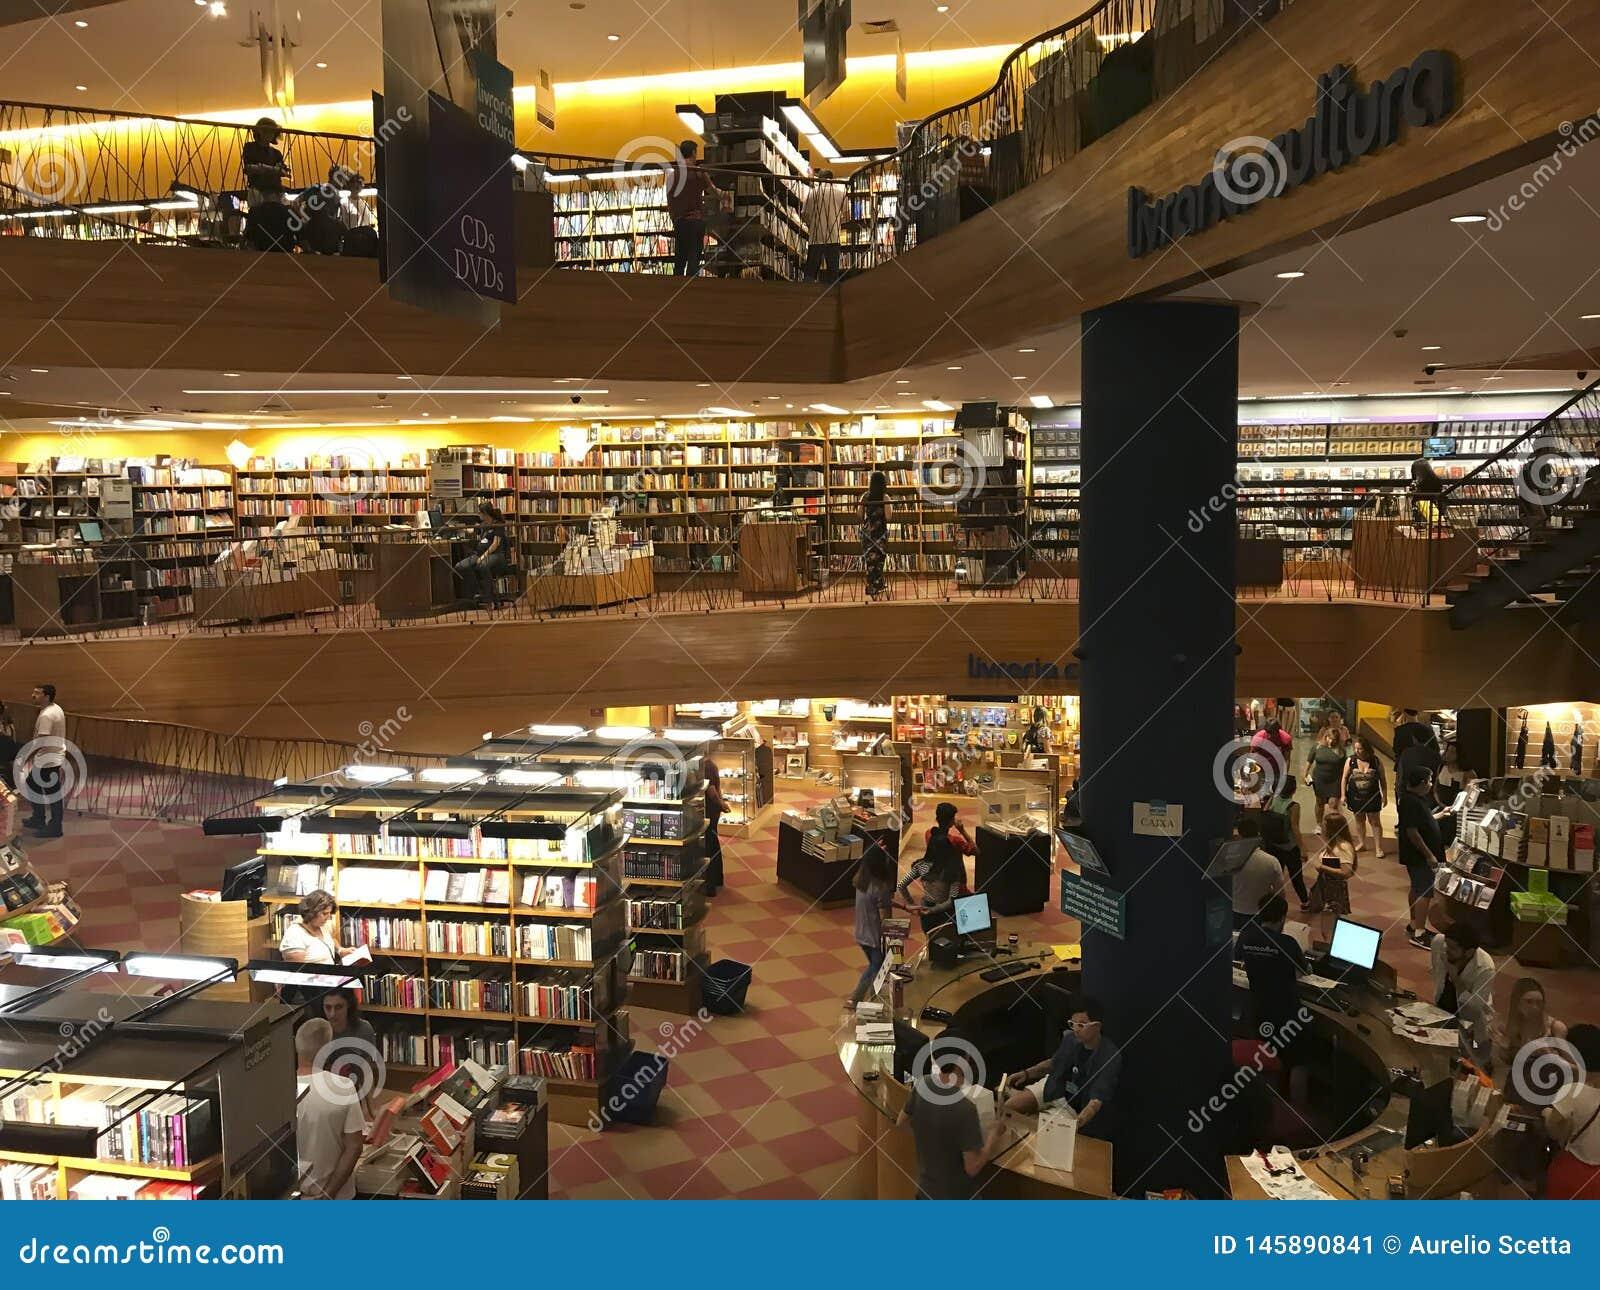 Livraria Cultura, traditional bookstore in Sao Paulo city